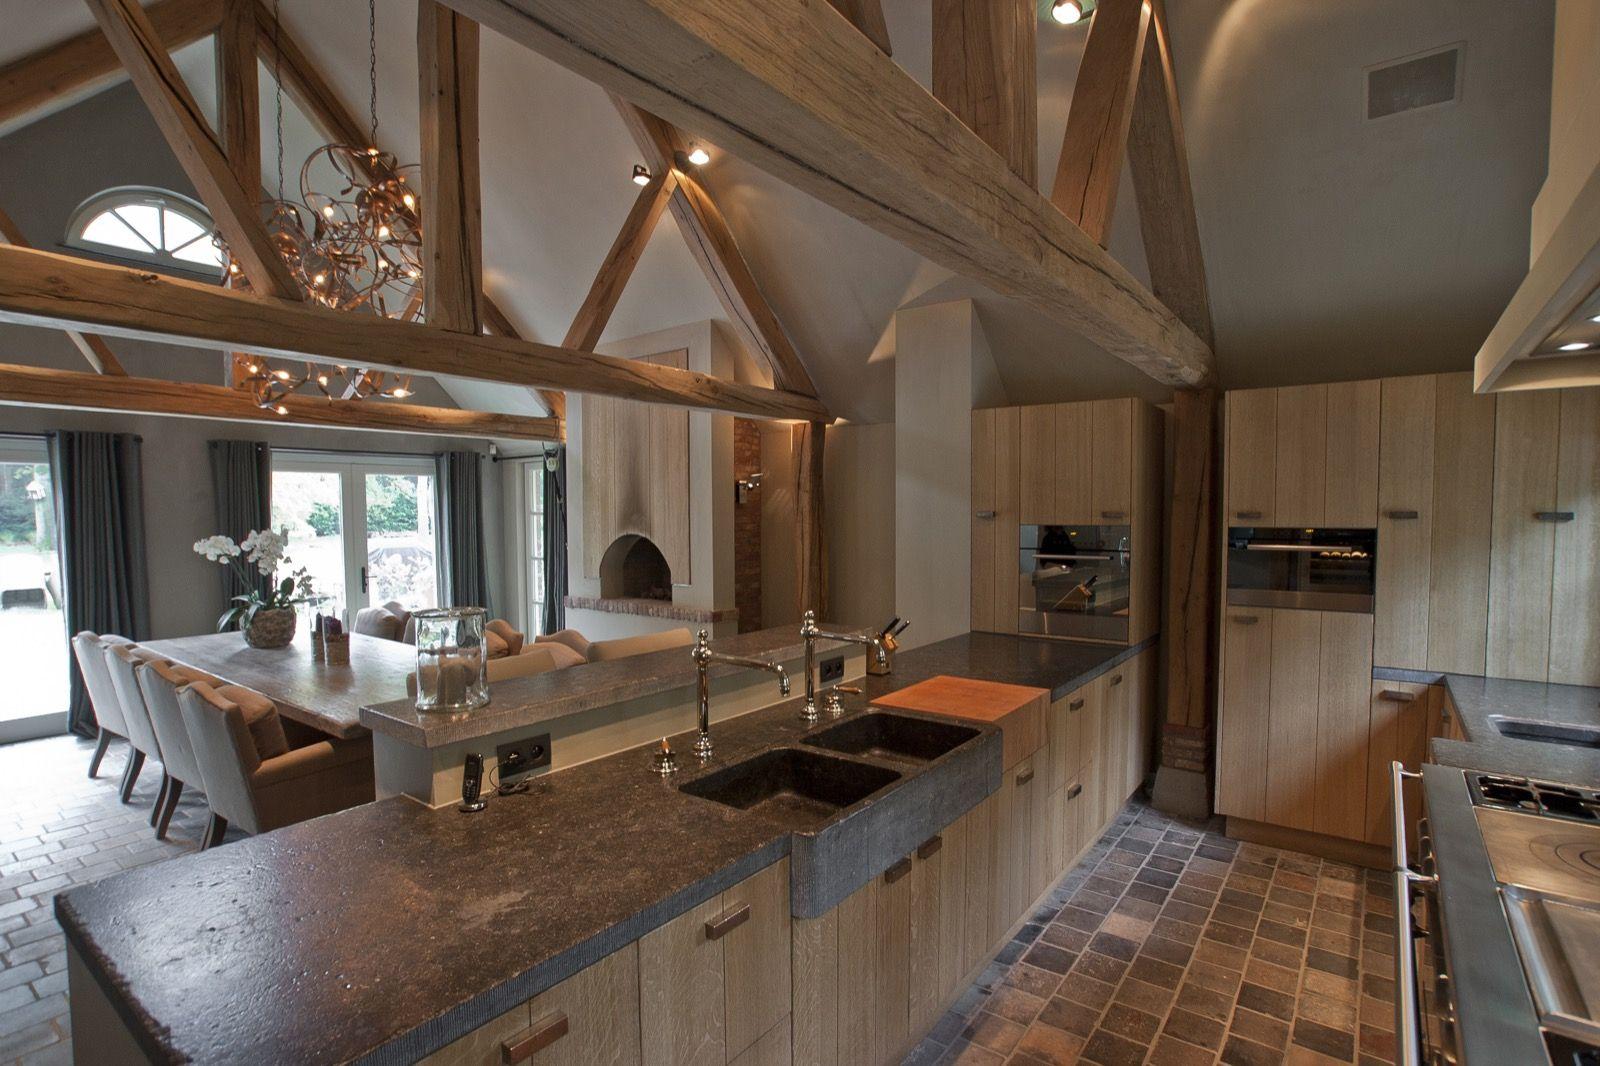 Atelier op Zolder is specialist in het realiseren en renoveren van ...